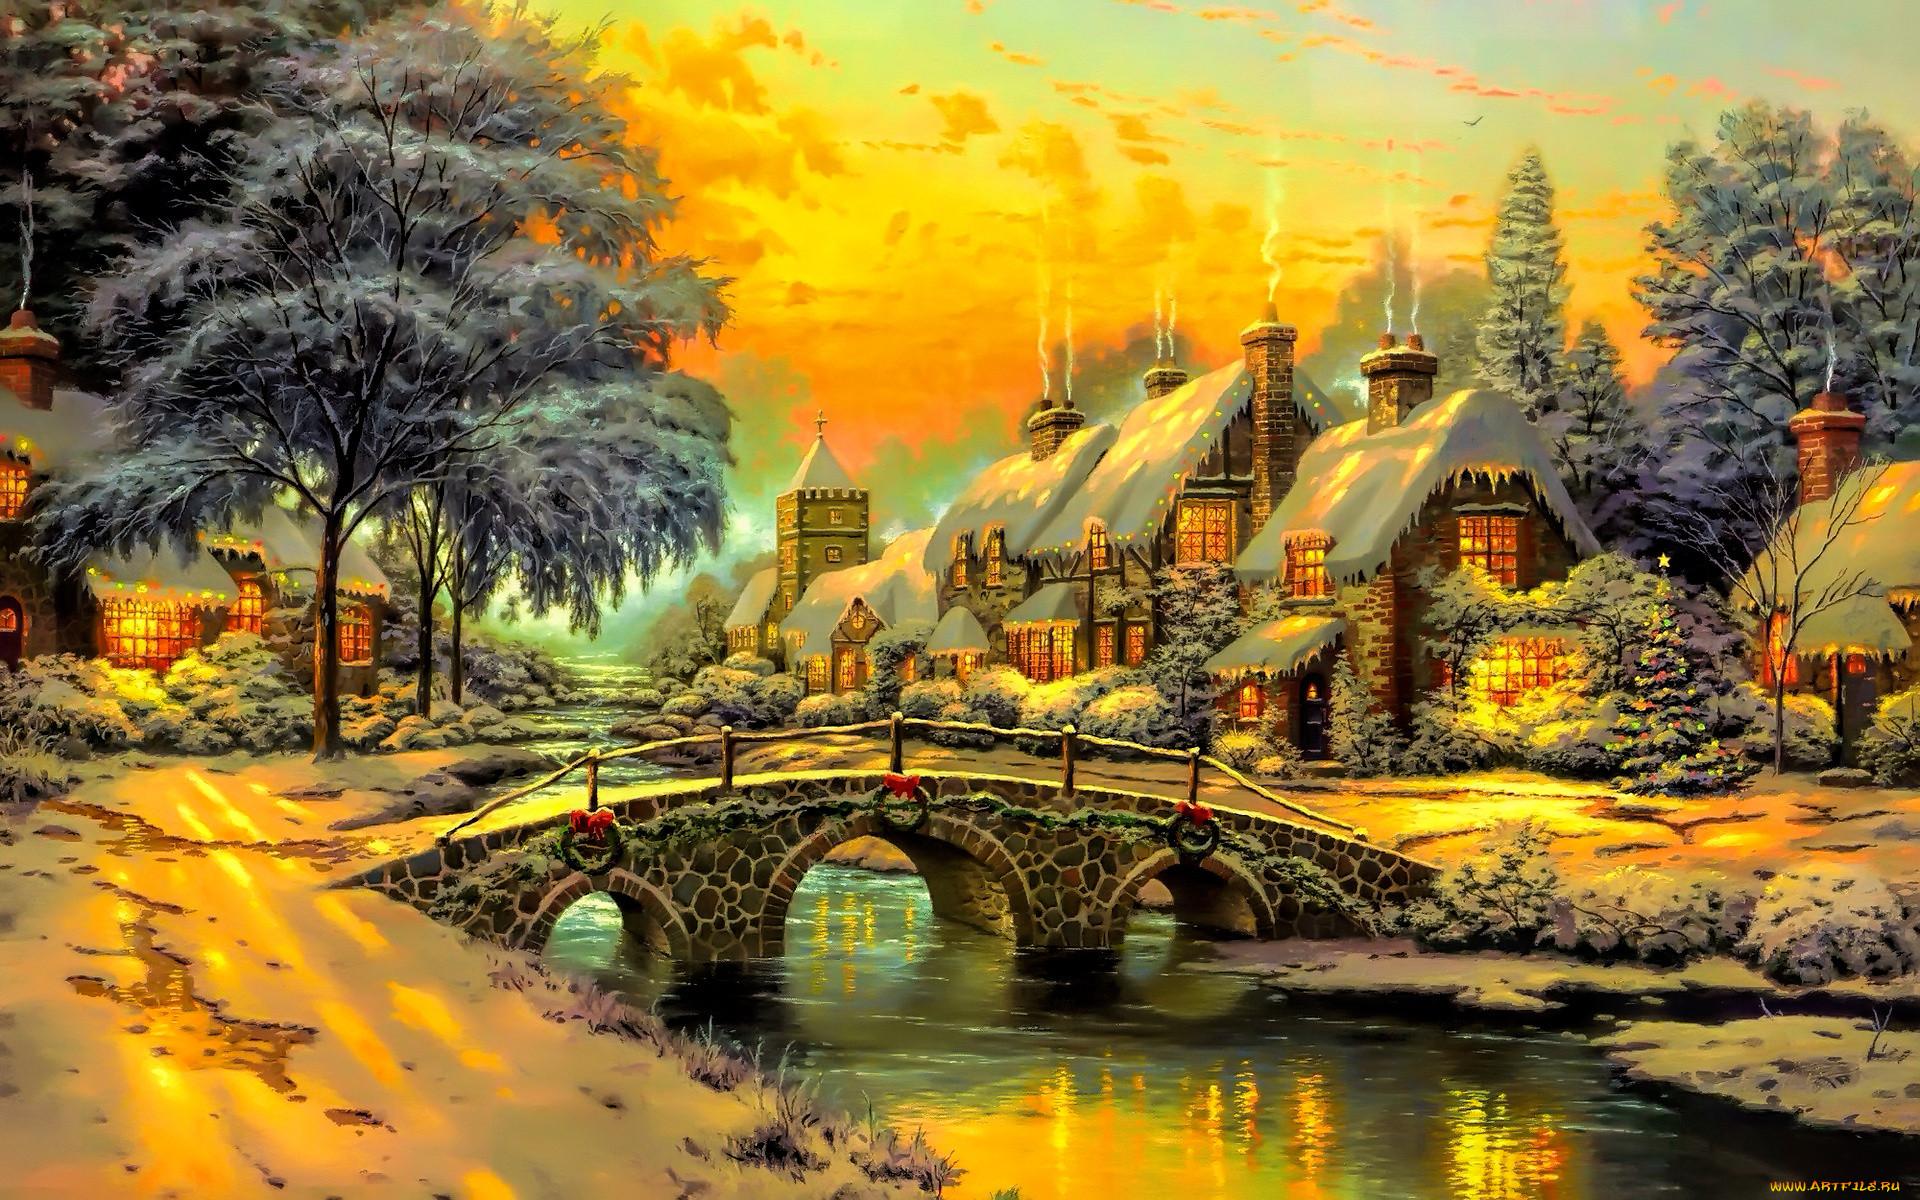 картинка сказочного зимнего домика это очень важно